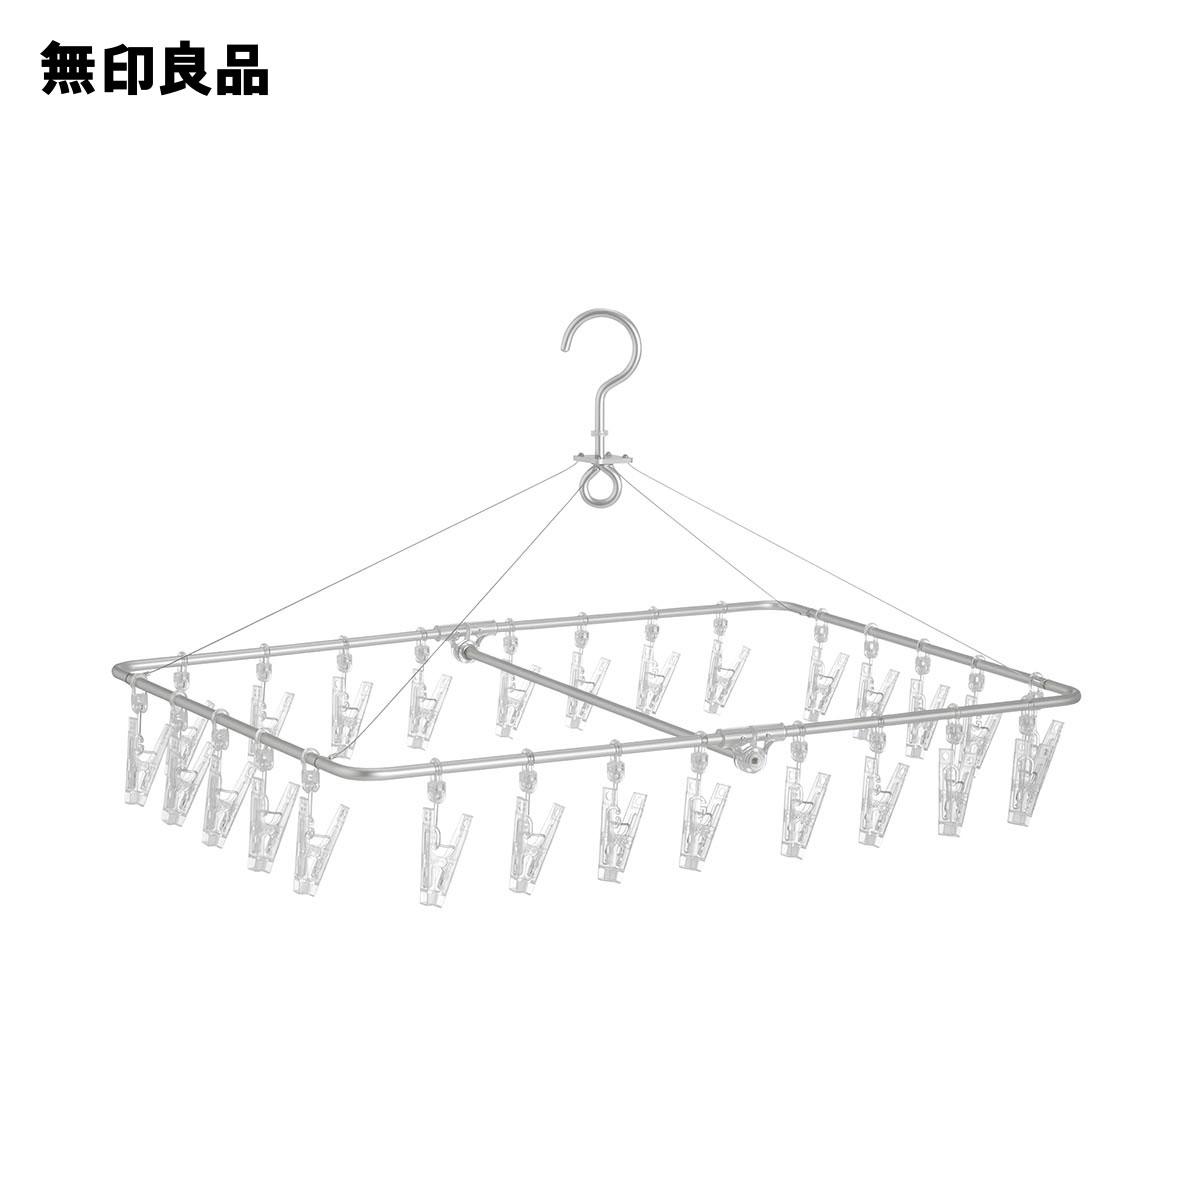 【無印良品 公式】アルミ角型ハンガー フレーム型・26ピンチ/約59×39cm